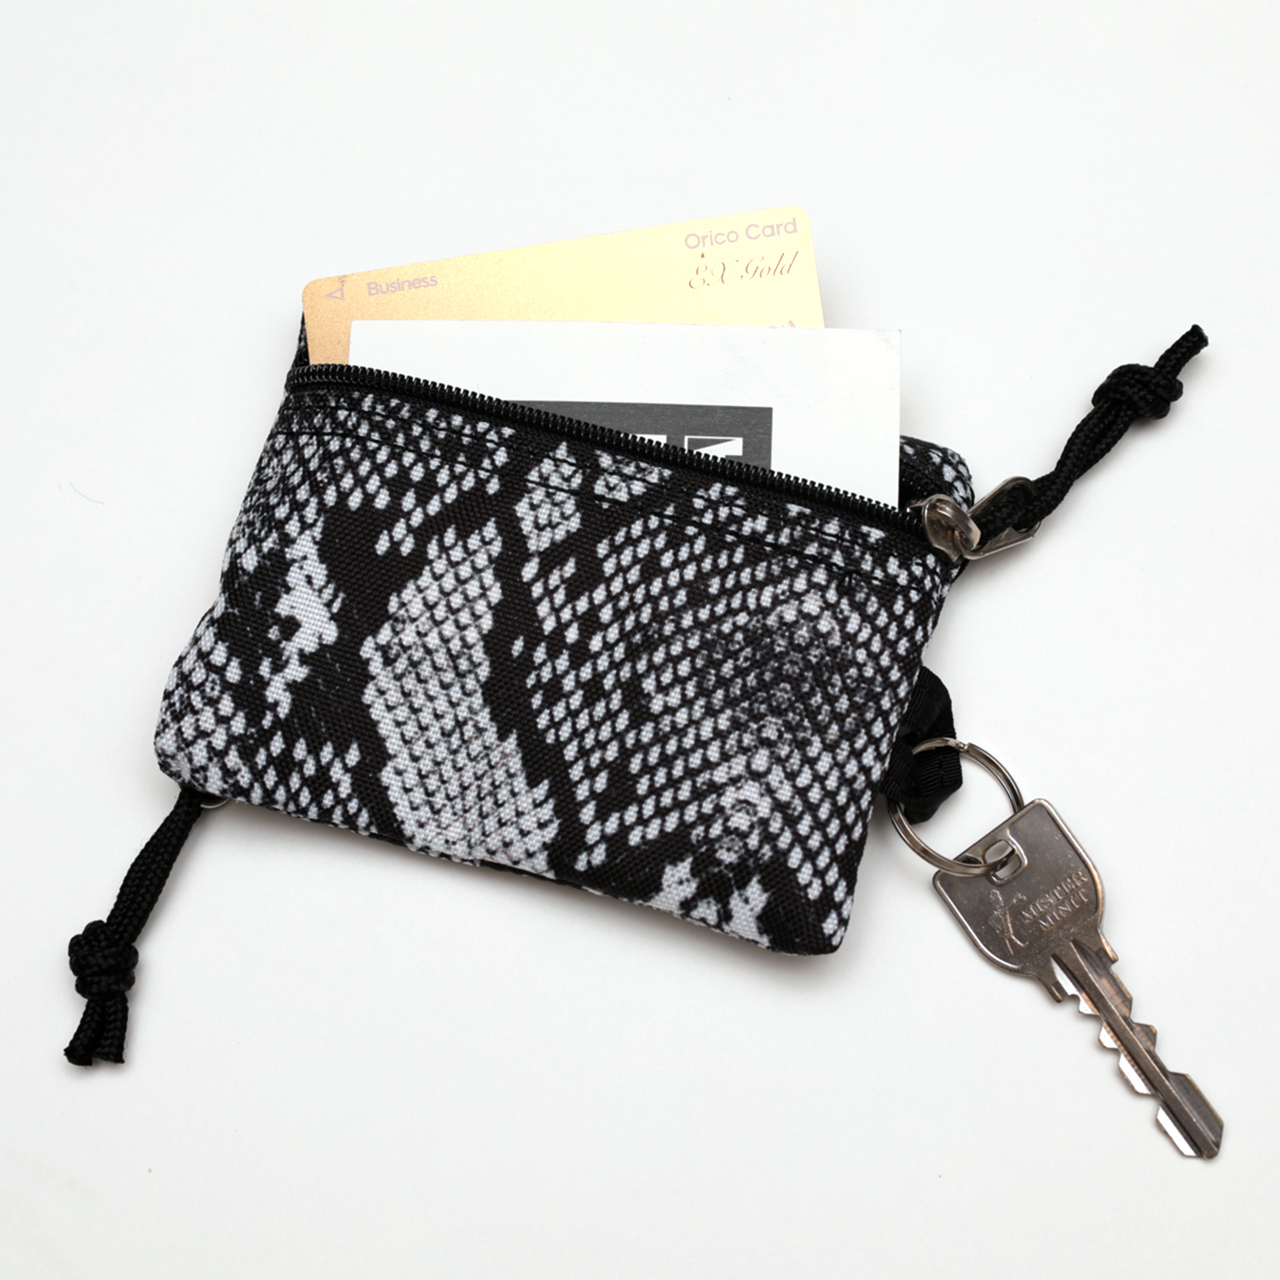 drifter-key-coin-pouch